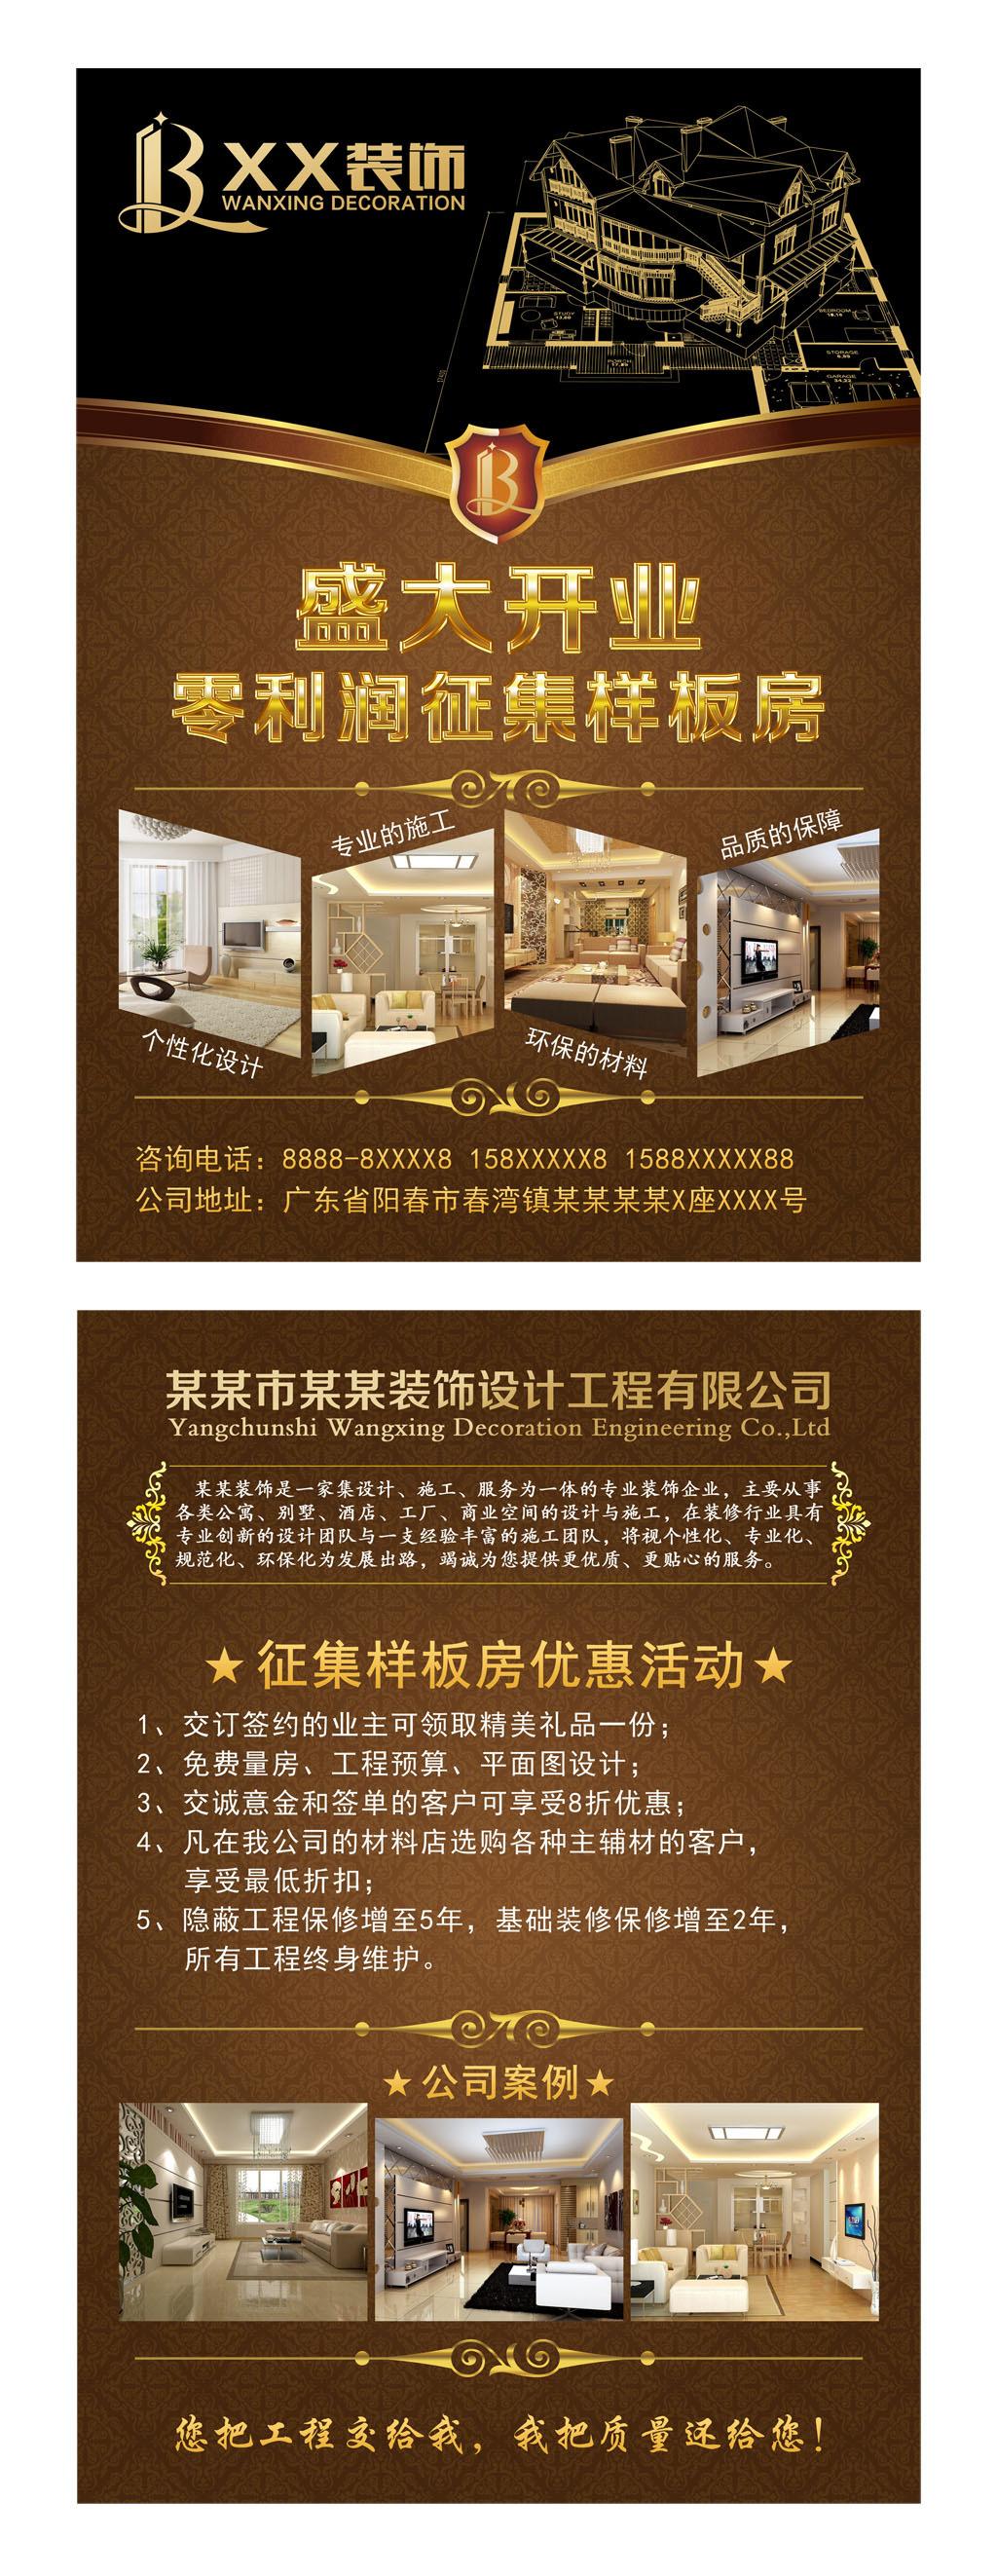 彩页|dm单页 > 装饰装修公司宣传单海报设计模板